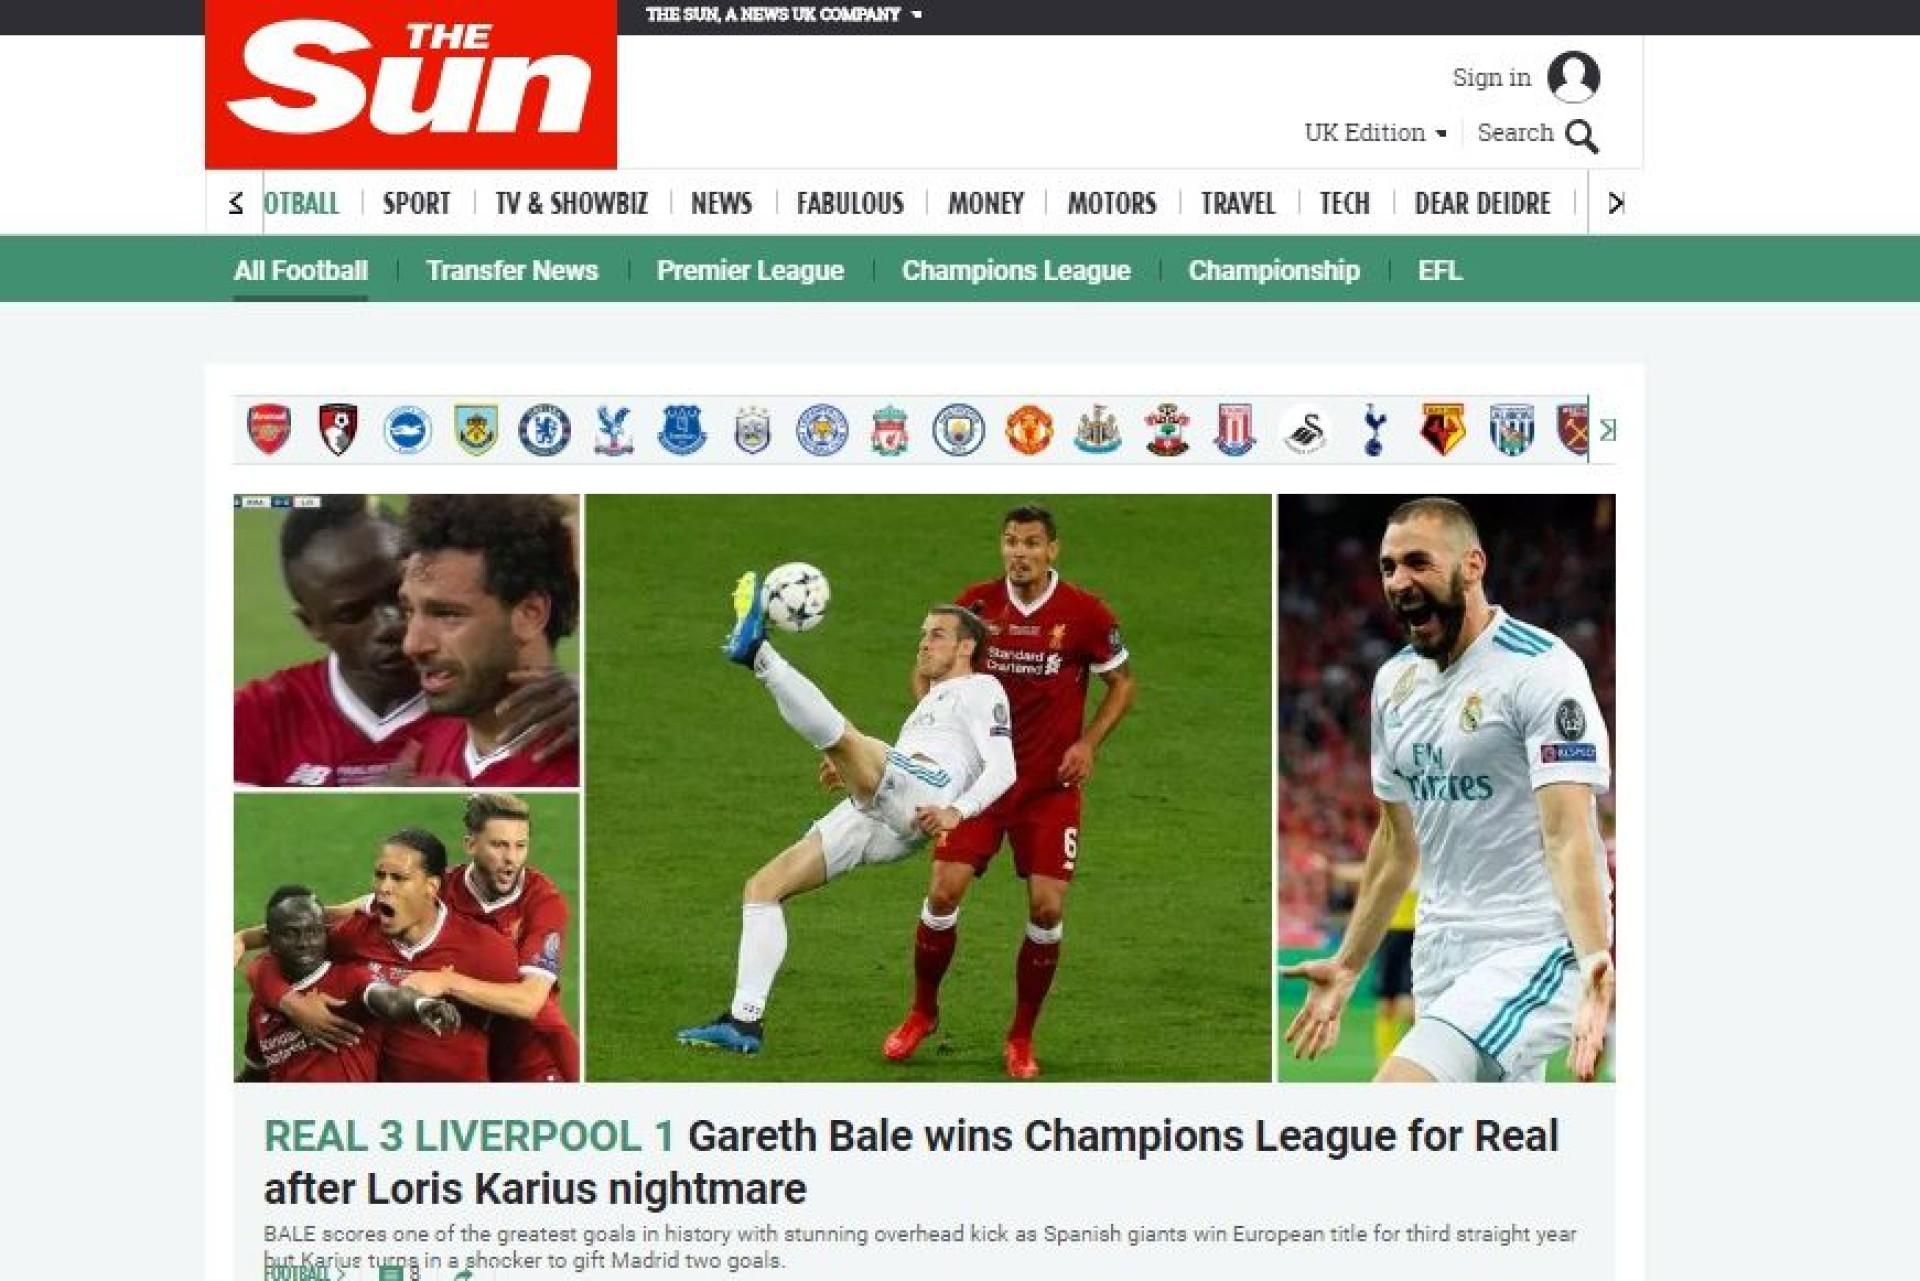 Lá por fora: CR7 'estraga' a conquista europeia do Real Madrid